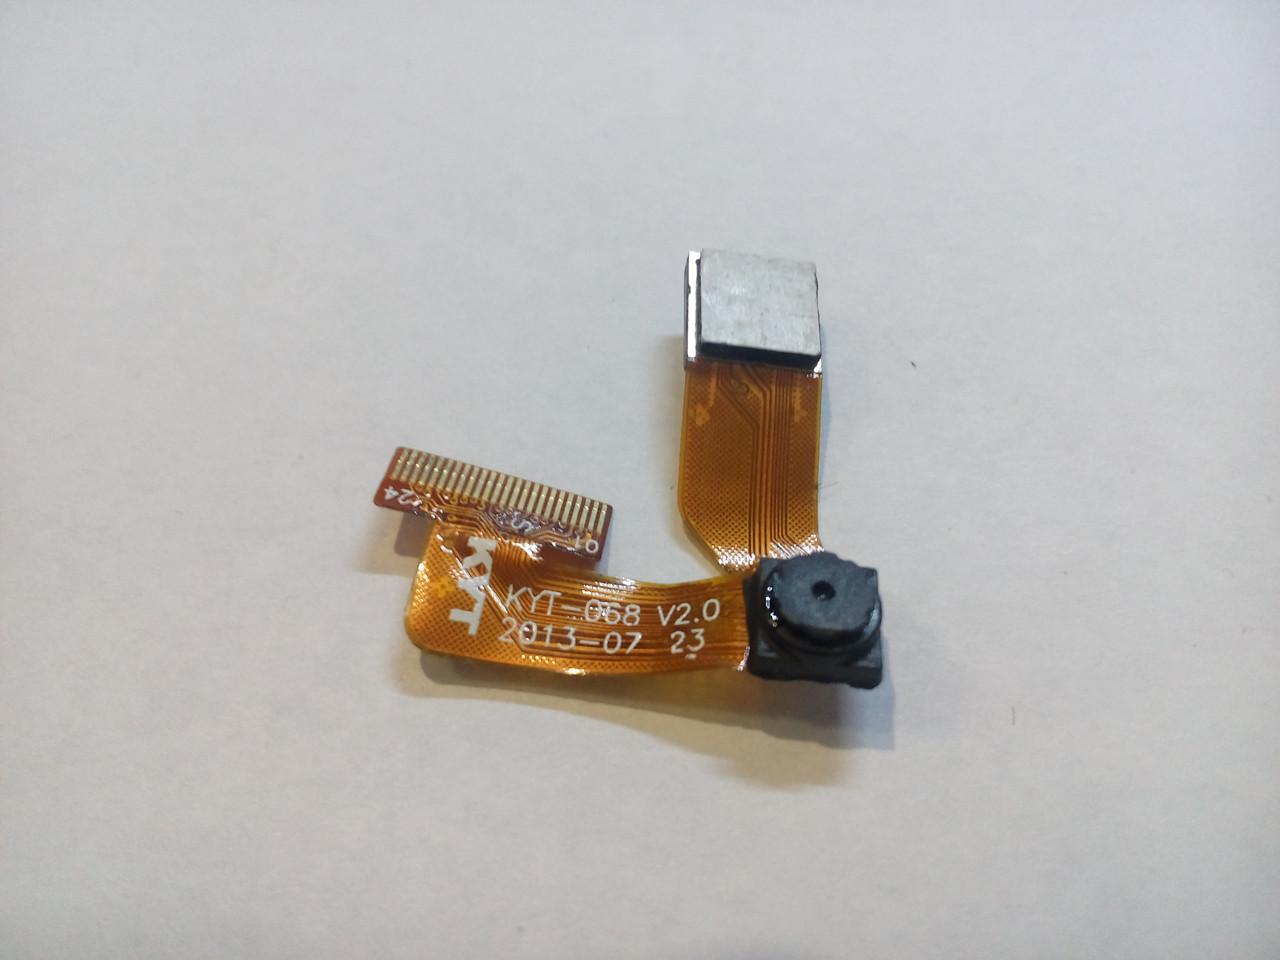 Камера для планшета двойная 24 pin KYT-068 V2.0